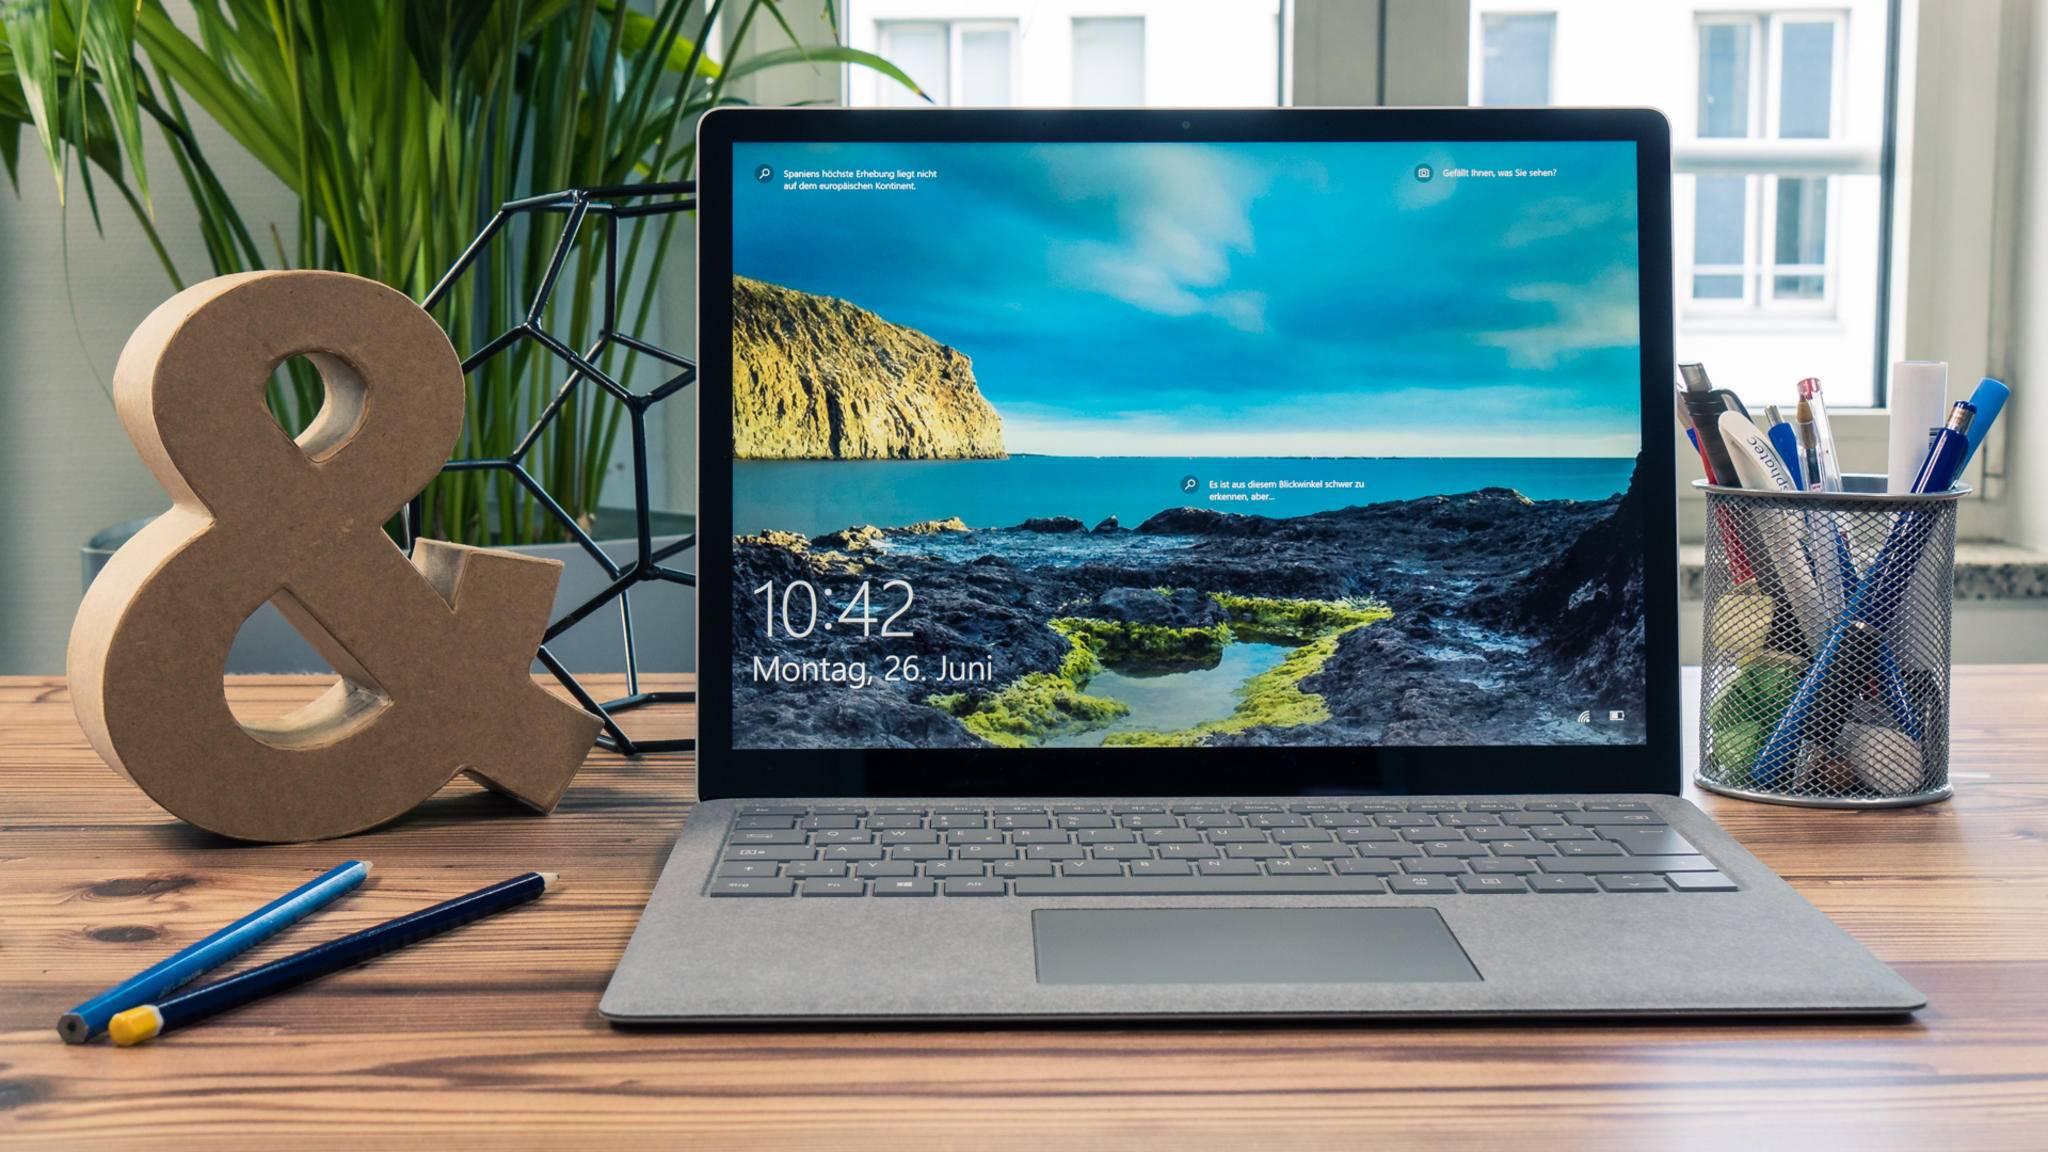 Microsoft-Event im Oktober: Kommt der Surface Laptop 3 mit 15 Zoll?